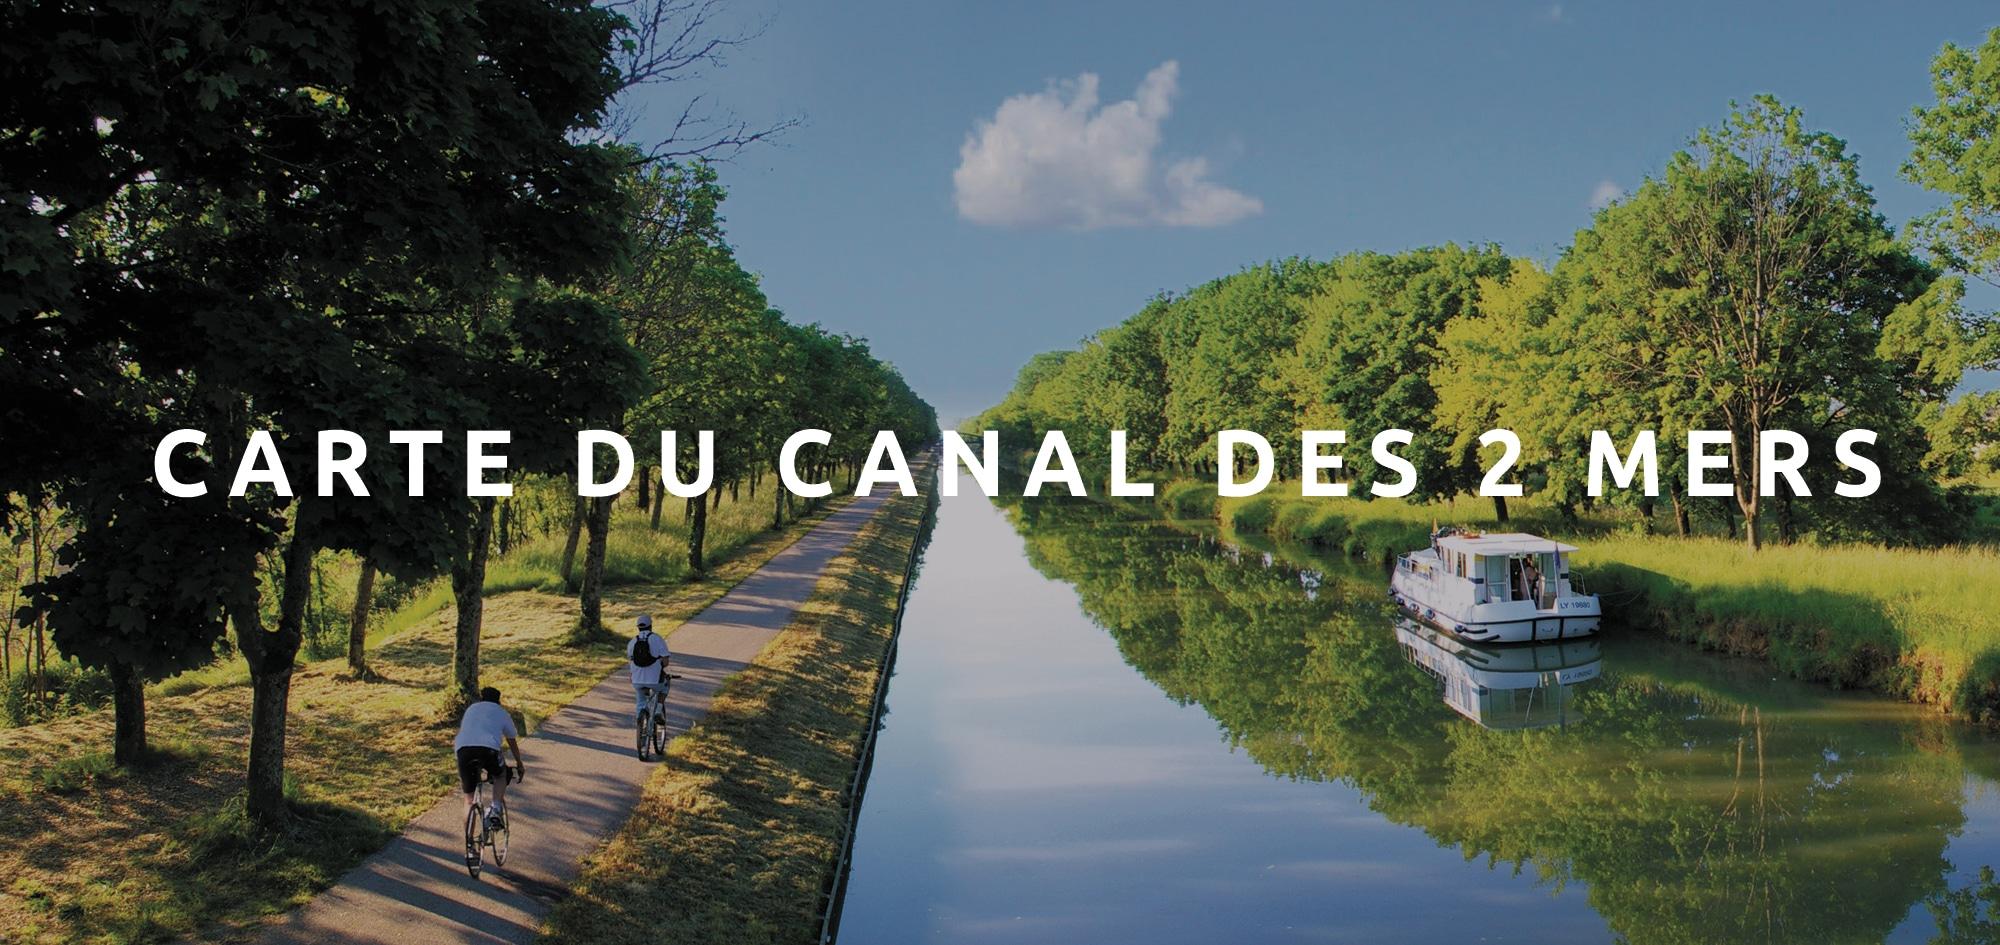 Télécharger la carte du canal des deux mers